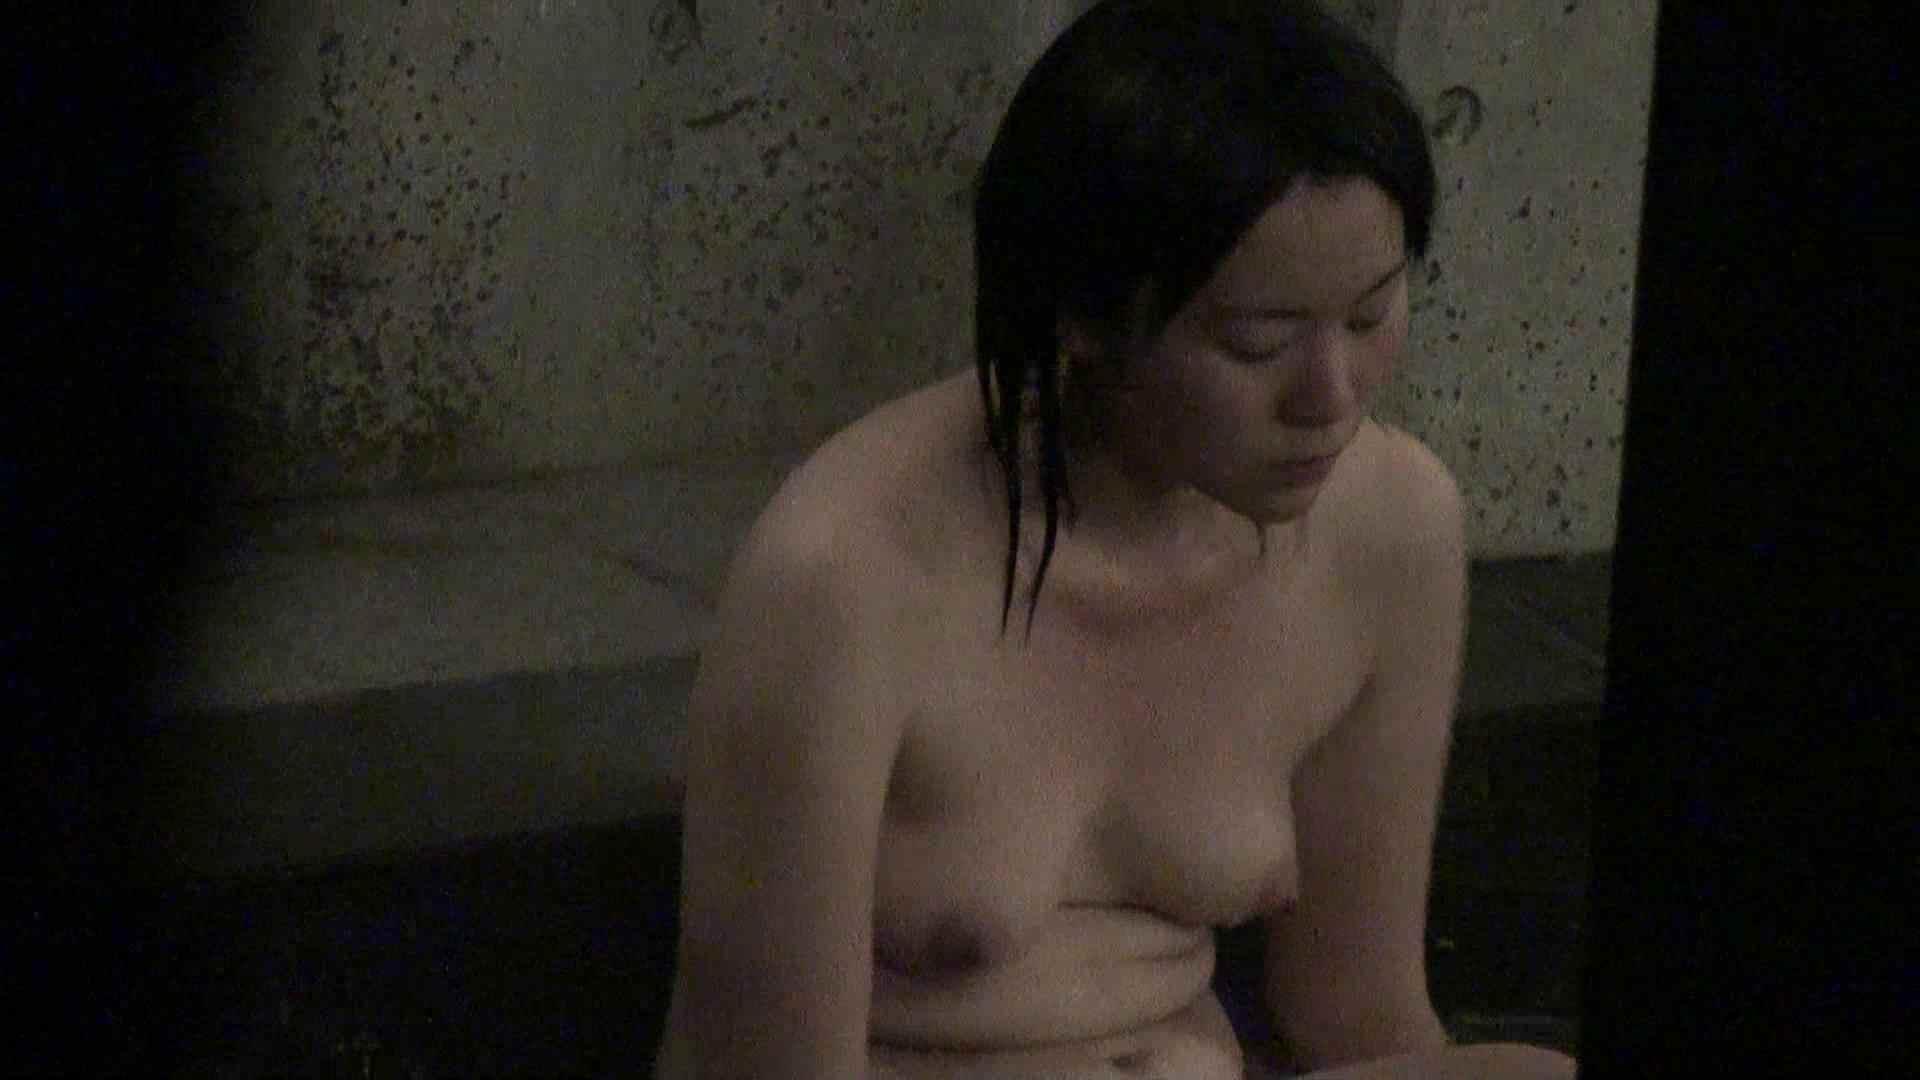 Aquaな露天風呂Vol.369 盗撮   OLのエロ生活  108連発 100